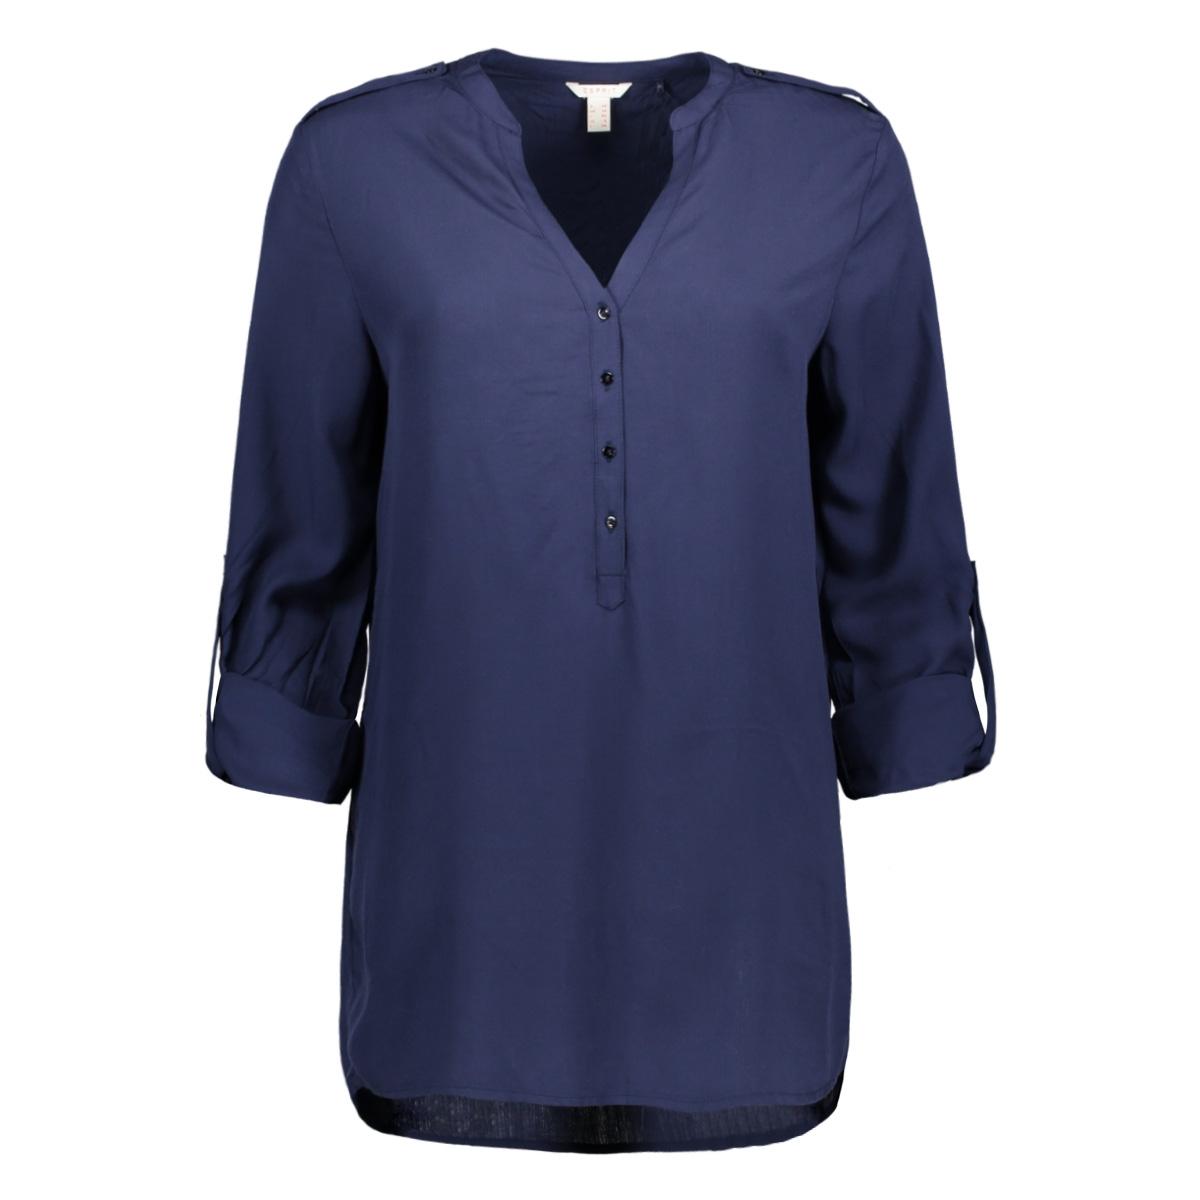 995ee1f900 esprit blouse e406